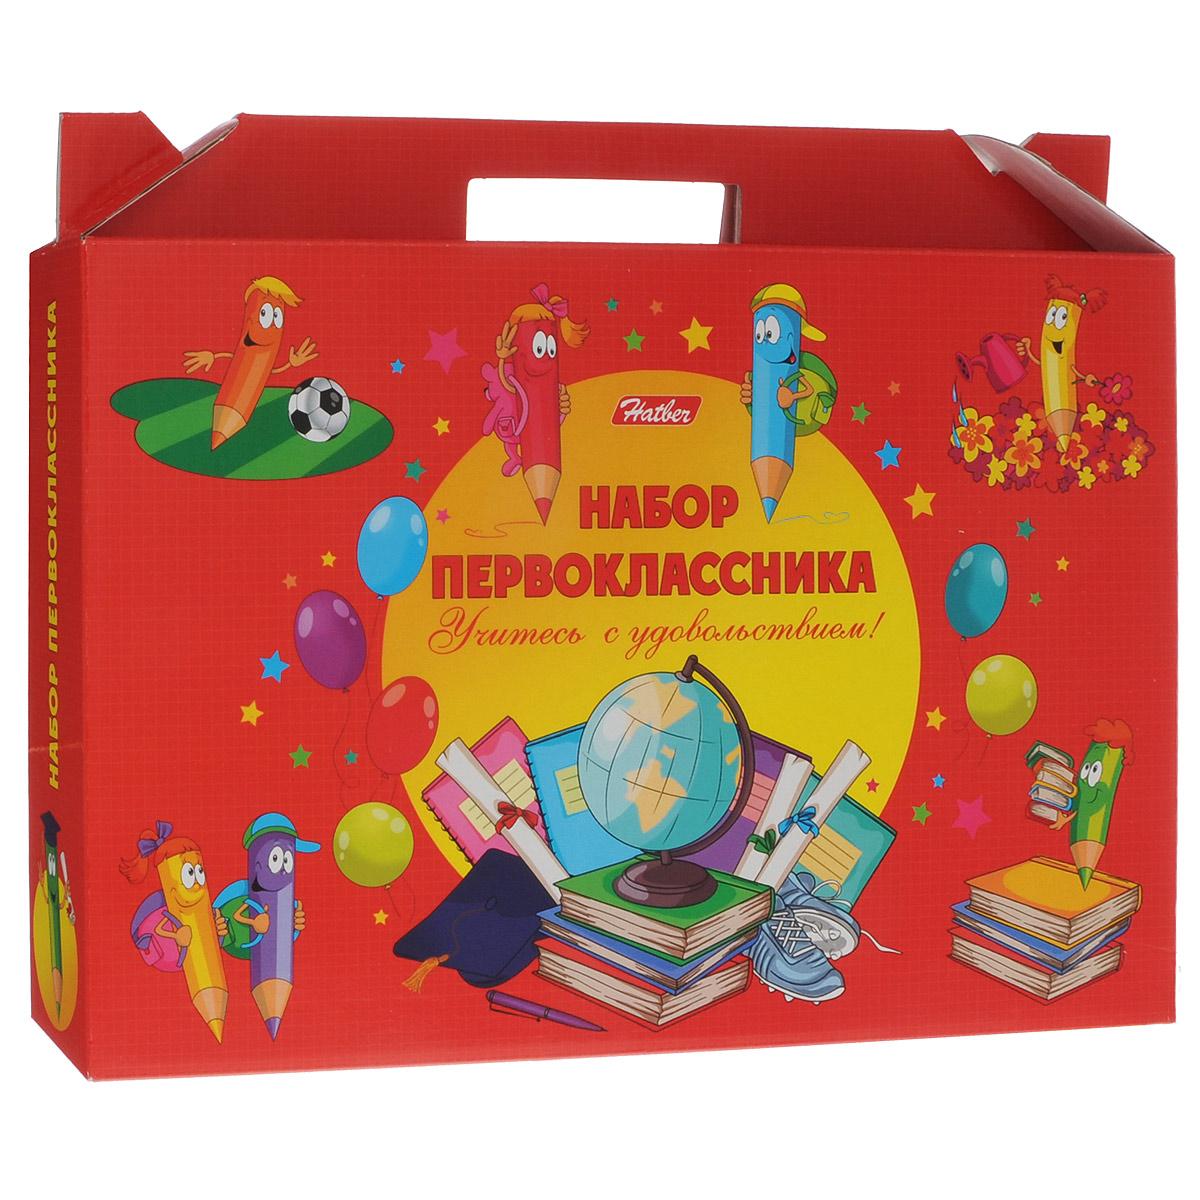 Набор школьных принадлежностей для первоклассника Hatber, 27 предметов всё для лепки lori пластилин классика 16 цветов